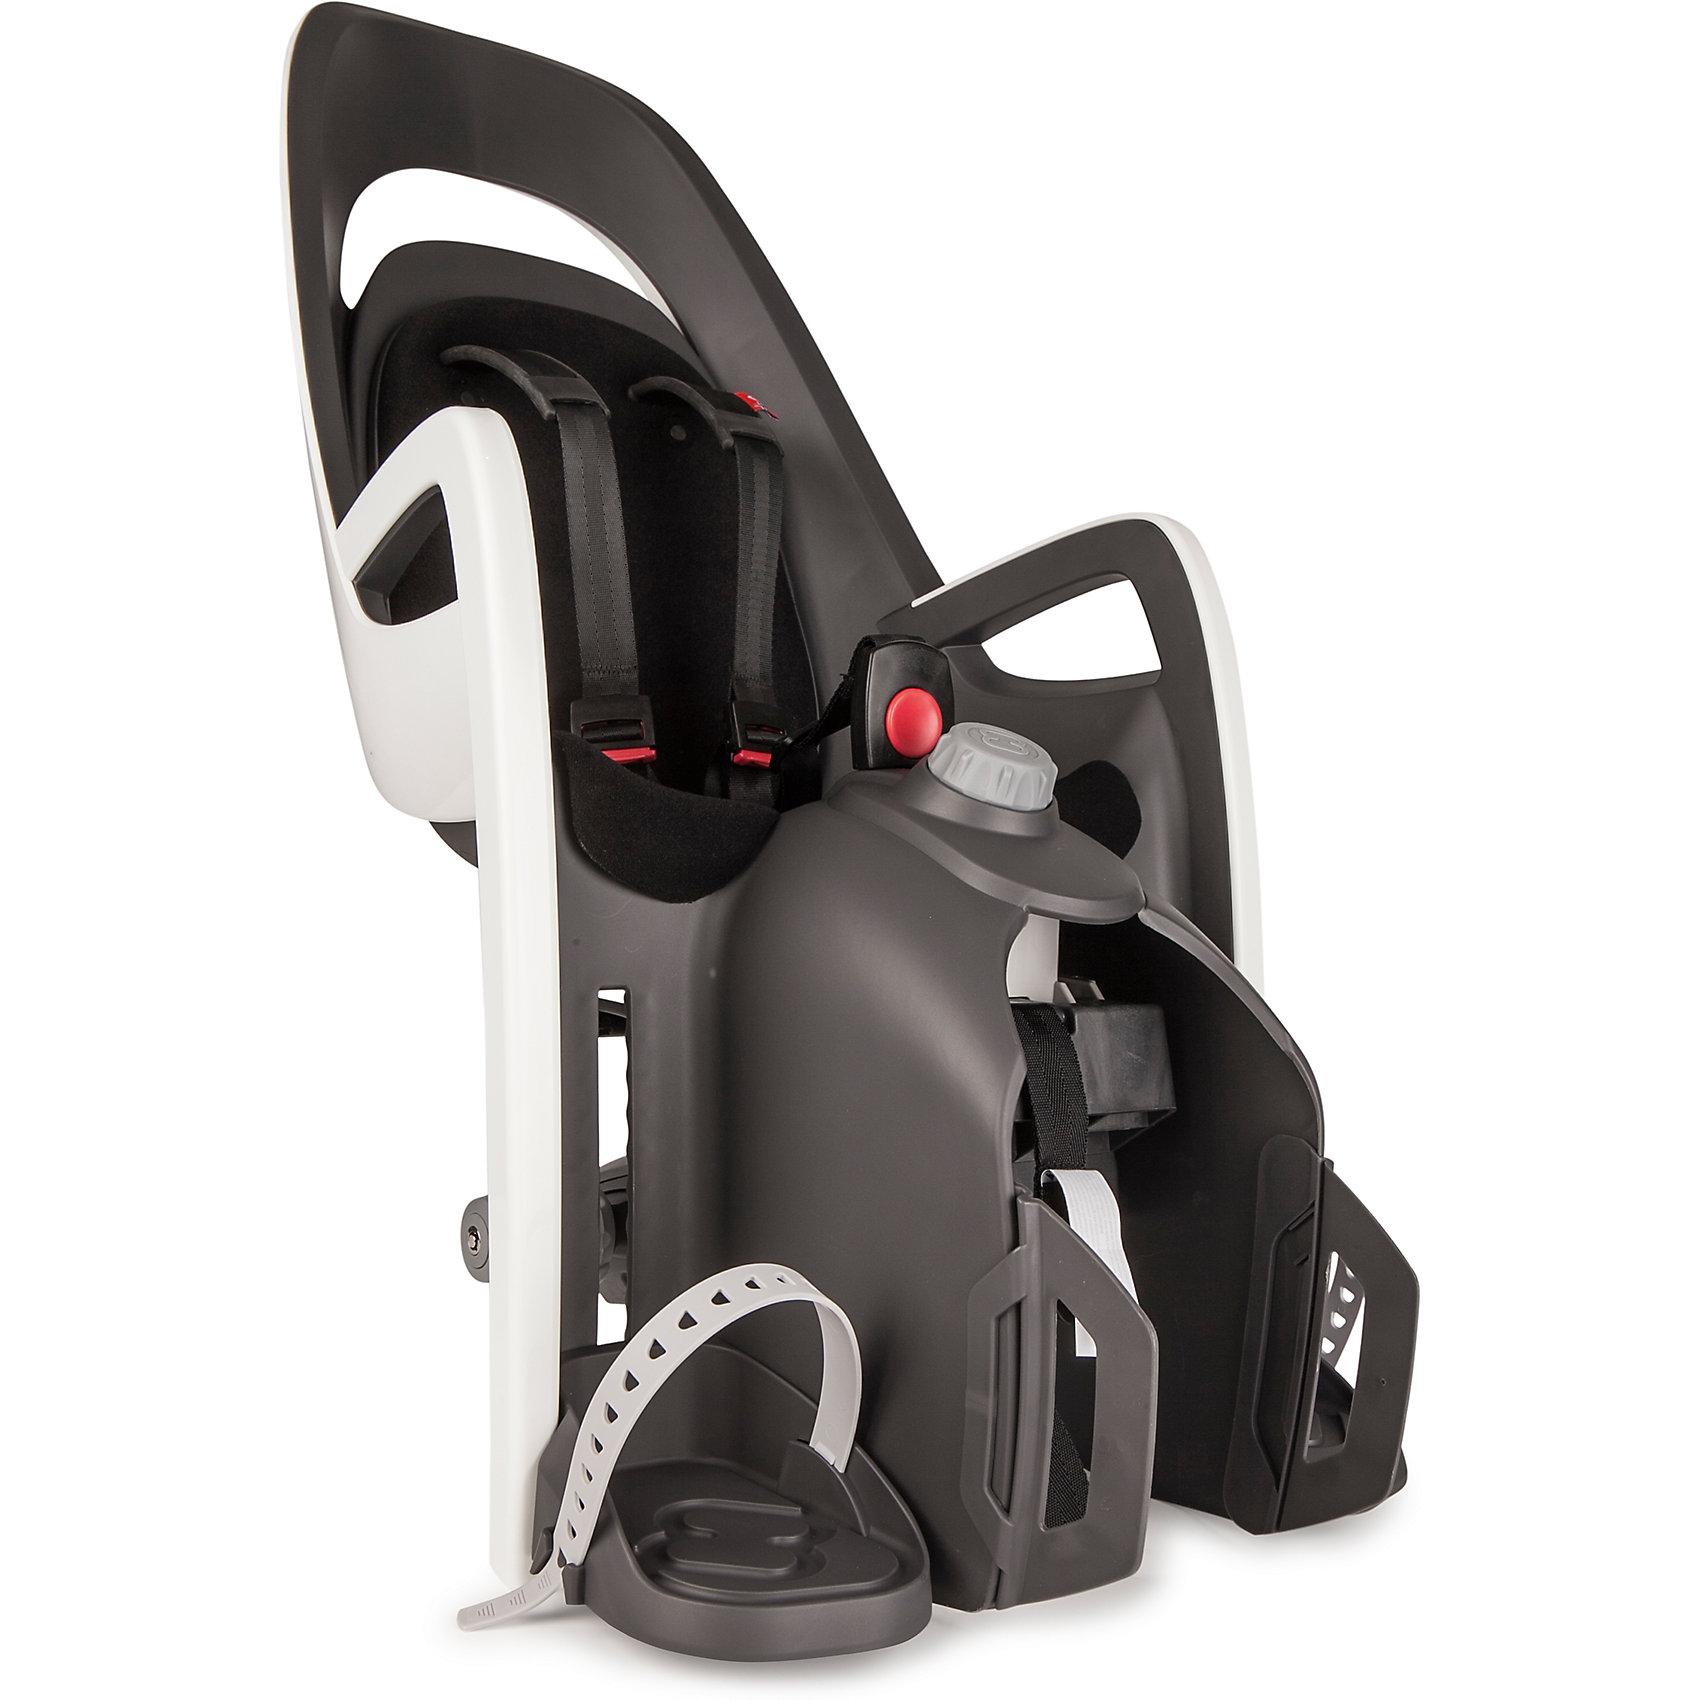 Детское велокресло Caress W/Carrier Adapter, Hamax, серый/белый/черныйАксеcсуары для велосипедов<br>Характеристики товара:<br><br>• цвет: серый, белый, черный<br>• проработанная эргономика кресла для максимально комфортной посадки<br>• 3-точечные ремни безопасности<br>• специальная конструкция пряжек ремней безопасности/фиксации для предотвращения саморастегивания ребенка<br>• простое в использование, полностью соответствующее всем Европейским стандартам безопасности<br>• адаптер для установки в комплекте<br>• режим сон<br>• предназначено для детей в возрасте старше 9 месяцев и весом до 30 кг<br>• регулируемый ремень безопасности и подножки<br>• встроенные отражатели для улучшения видимости кресла<br>• мягкие плечевые пряжки ремней<br>• вес: 5150гр.<br>• размер: 37х94х28см<br>• страна бренда: Польша<br><br>Мягкие пряжки для фиксации ребенка в кресле очень легкие и комфортные, но при этом обеспечивают надежную фиксацию ребенка в велокресле.<br><br>Эргономика велокресла рассчитана так что спинка кресла не будет мешать голове ребенка в моменты когда он хочет откинуться назад кресла в шлеме.<br><br>Механизмы регулировки застежек позволяют комфортно отрегулировать их вместе с ростом ребенка.<br><br>Все детские велосидения Hamax растут вместе с ребенком!  Регулируемые ремень безопасности и подножки.<br><br>Не забудьте: ребенок должен всегда носить шлем при использовании детского сиденья.<br><br>Детское велокресло Caress W/Carrier Adapter, Hamax, серый/белый/черный можно купить в нашем интернет-магазине.<br><br>Ширина мм: 365<br>Глубина мм: 940<br>Высота мм: 280<br>Вес г: 5150<br>Возраст от месяцев: 9<br>Возраст до месяцев: 48<br>Пол: Унисекс<br>Возраст: Детский<br>SKU: 5582619